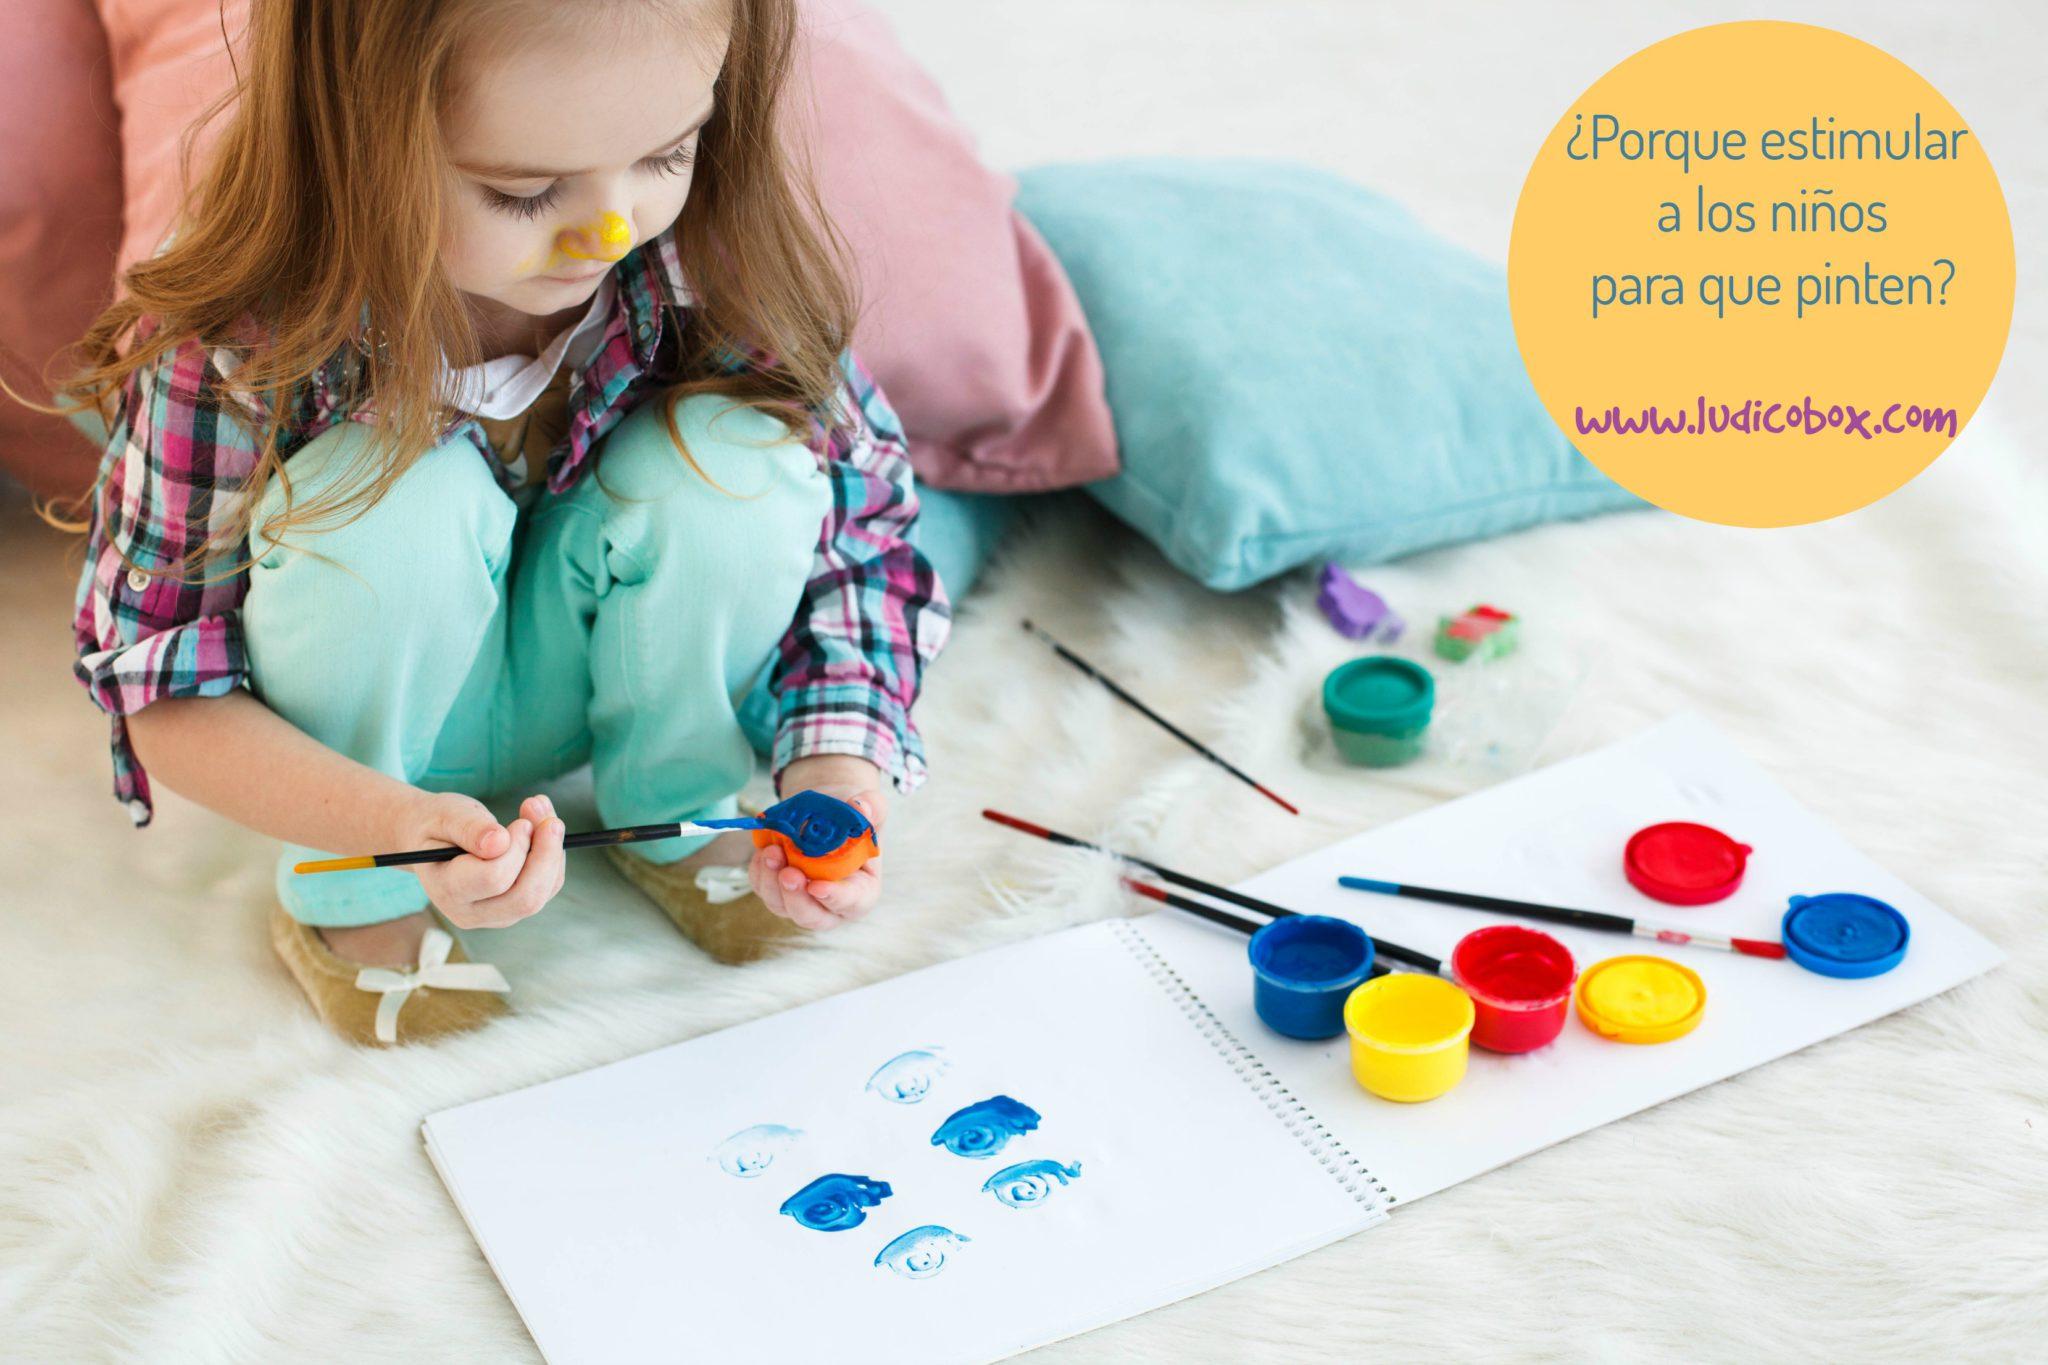 Porque estimular a los niños para que pinten ? | Ludicobox